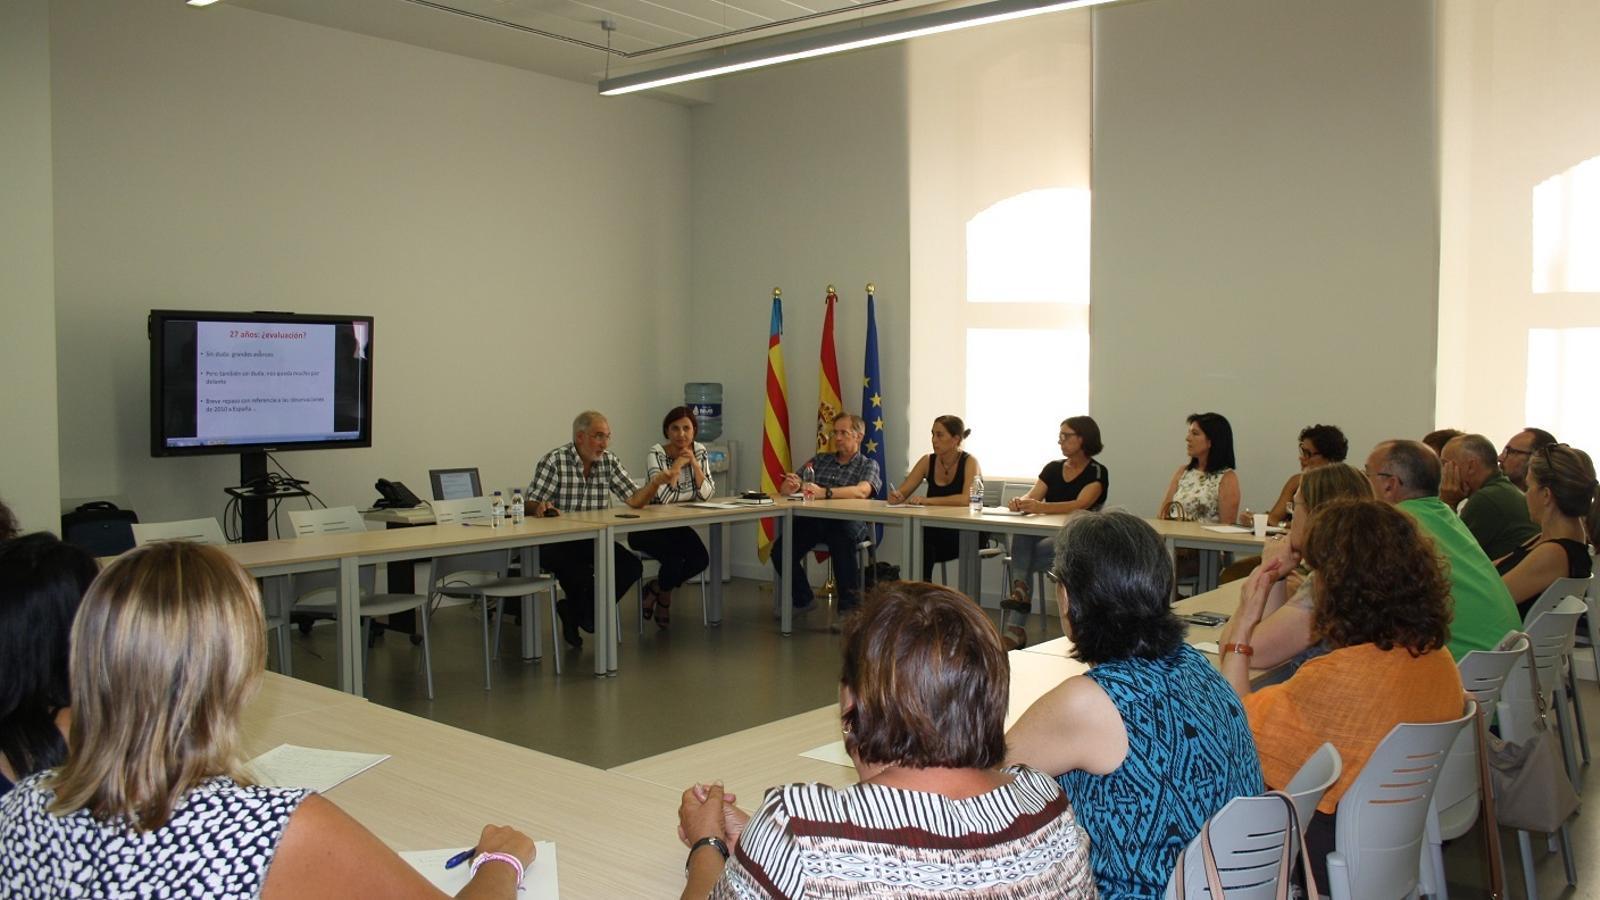 """Anul·lada part de la norma que prioritza l'ús del valencià perquè """"només és obligatori saber castellà"""""""